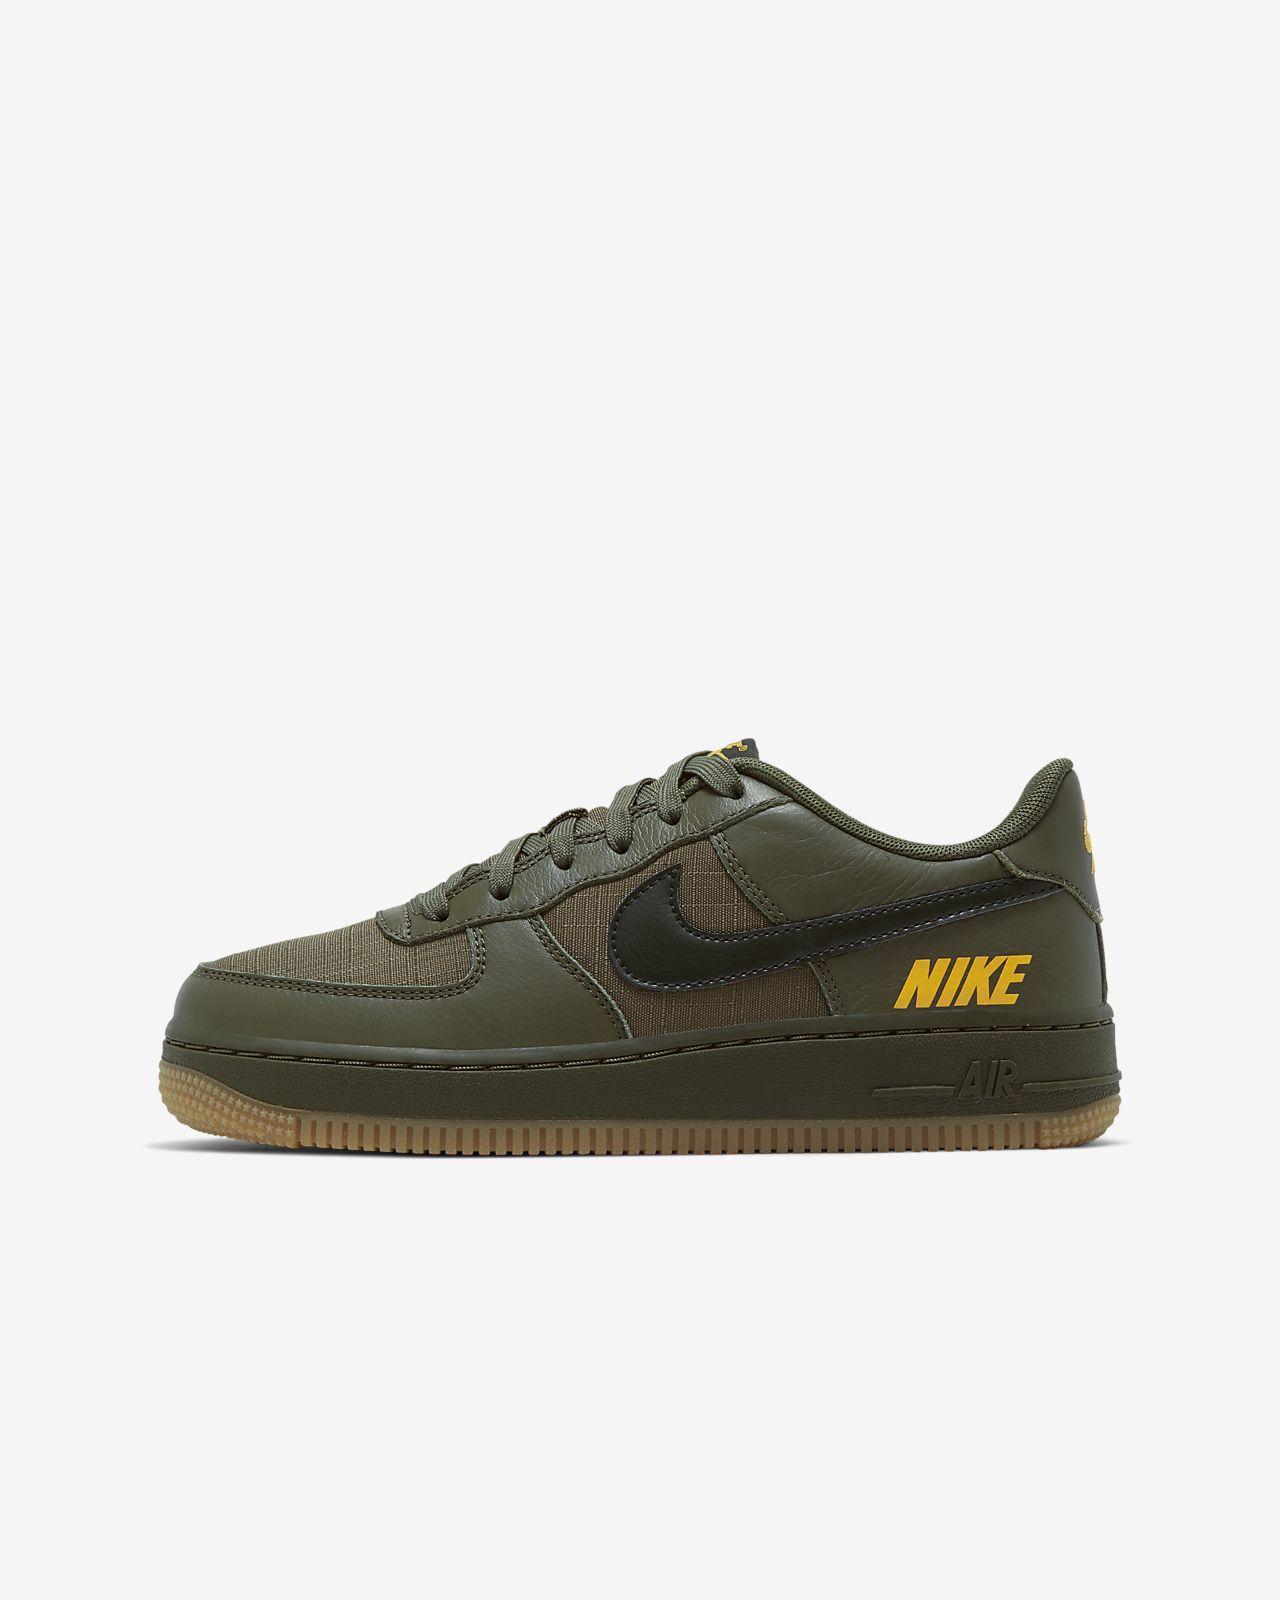 Sko Nike Air Force 1 LV8 5 för ungdom